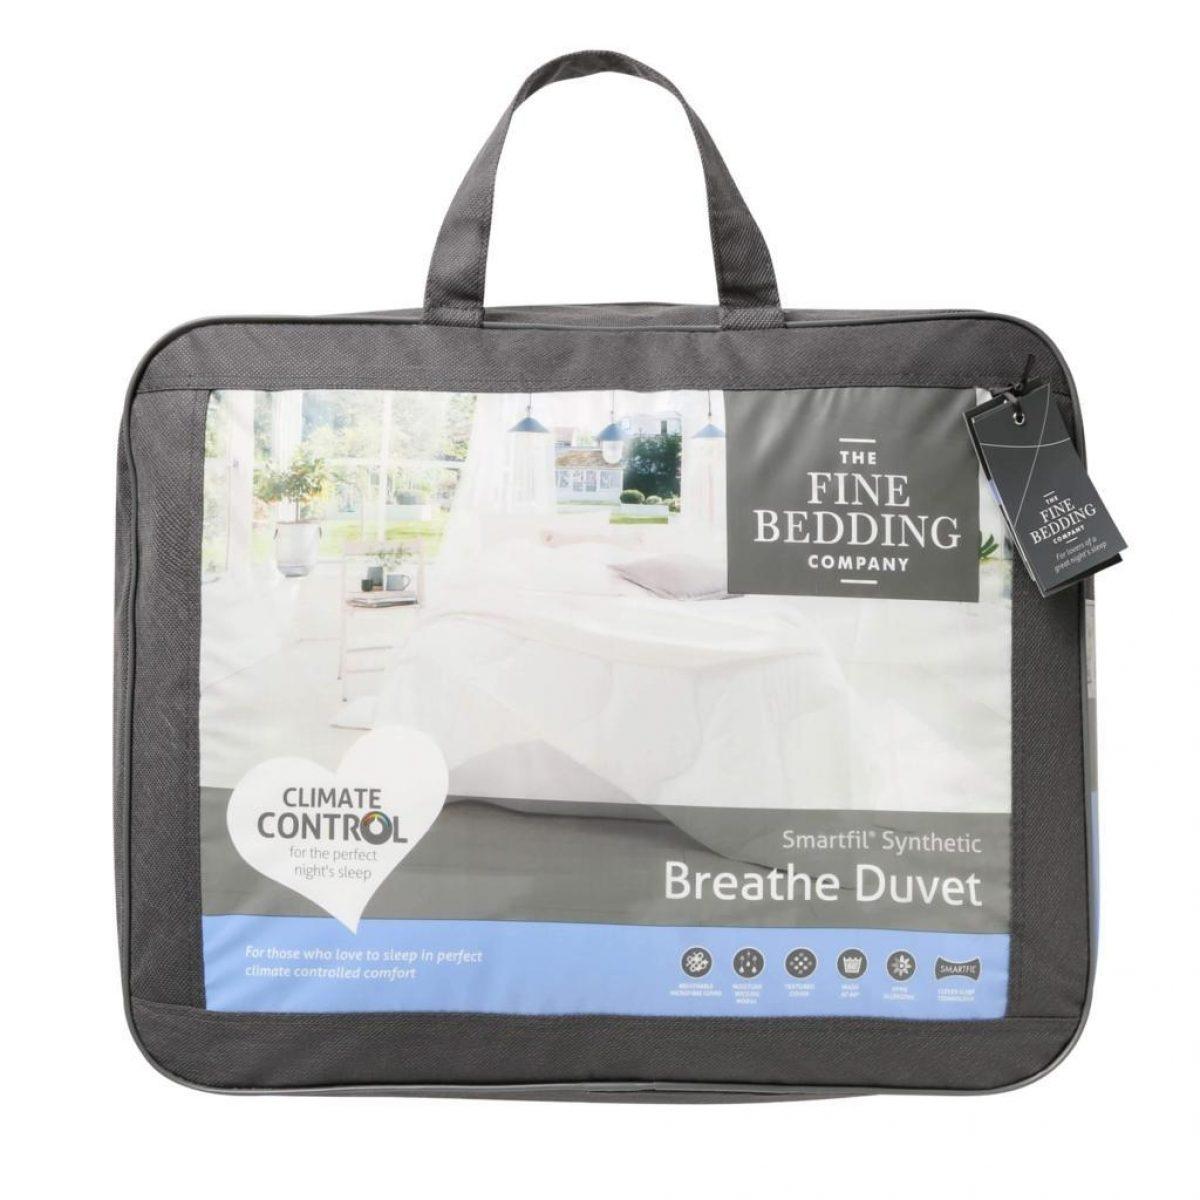 Fine Bedding Breathe Duvet Packed 1024x1024